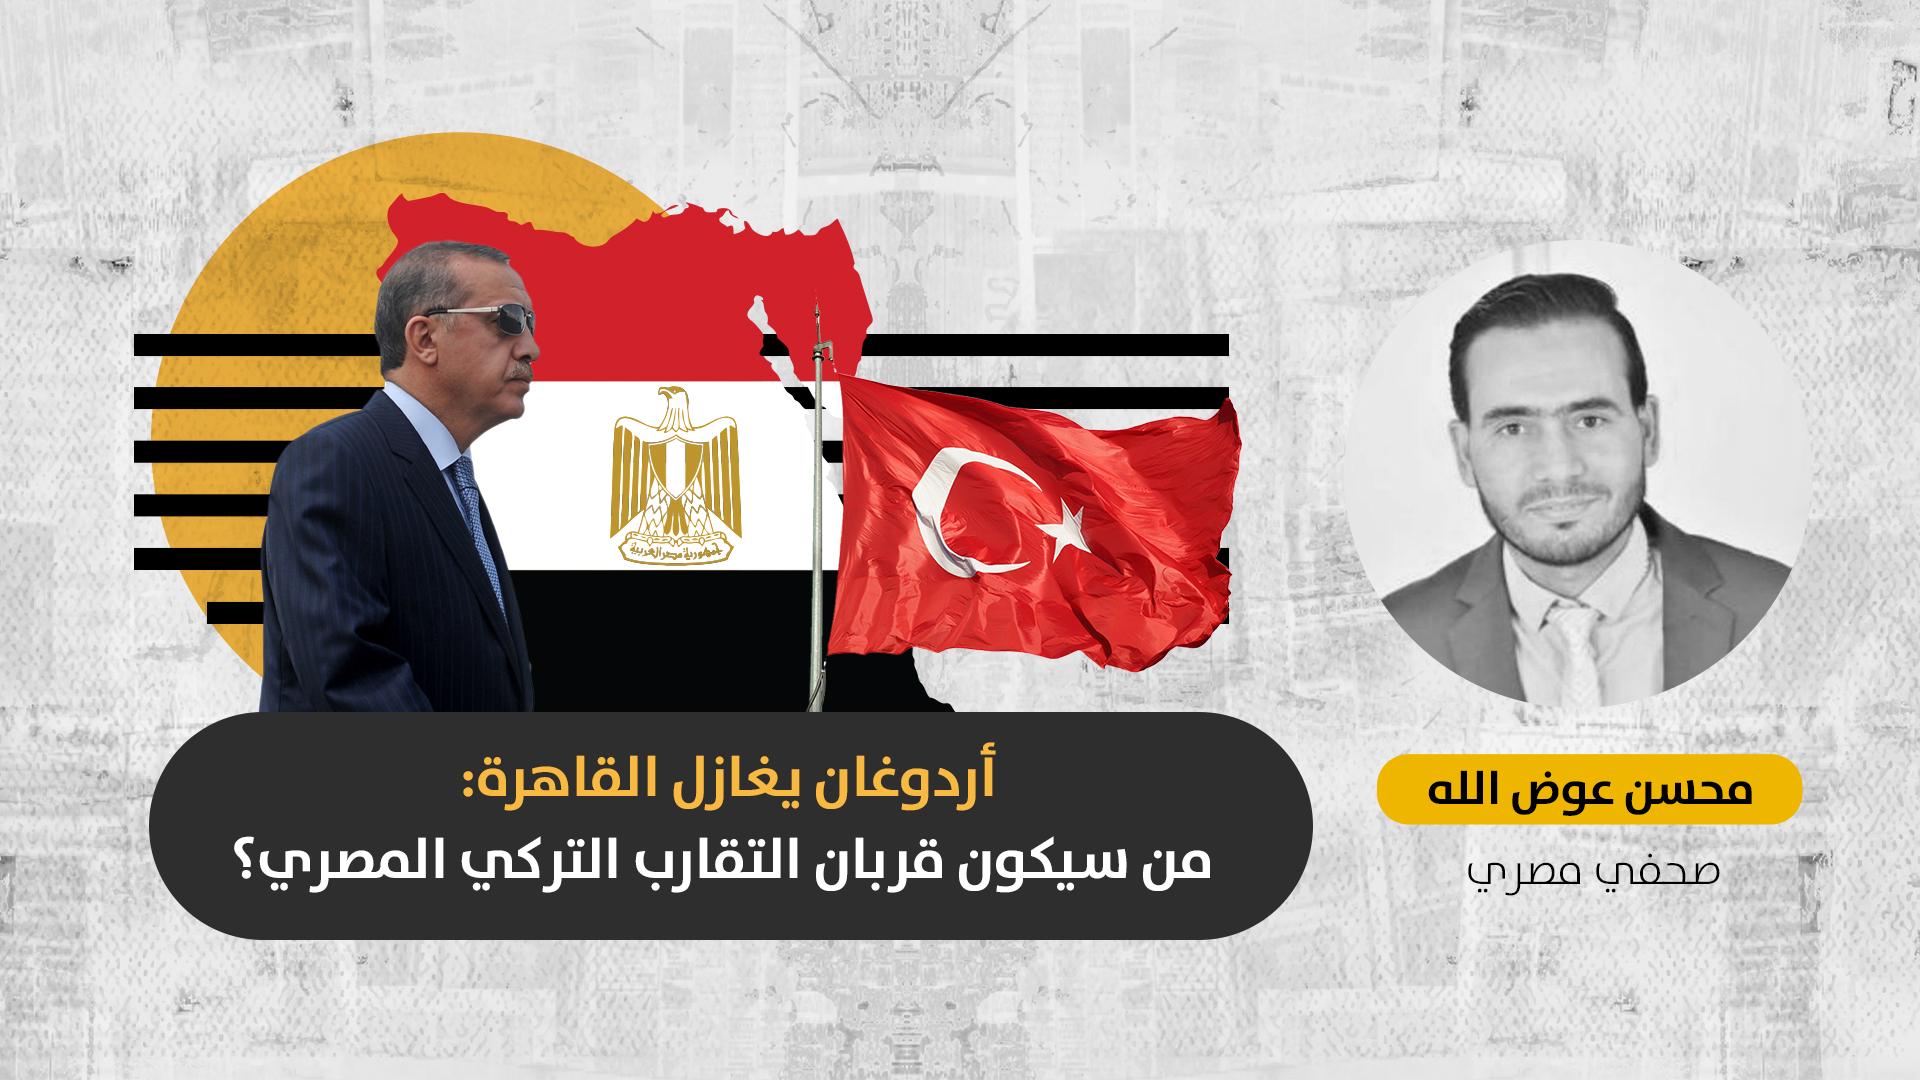 التقارب التركي-المصري: هل يتخلّى أردوغان عن دعم الإخوان المسلمين في المنطقة إرضاءً للقاهرة؟